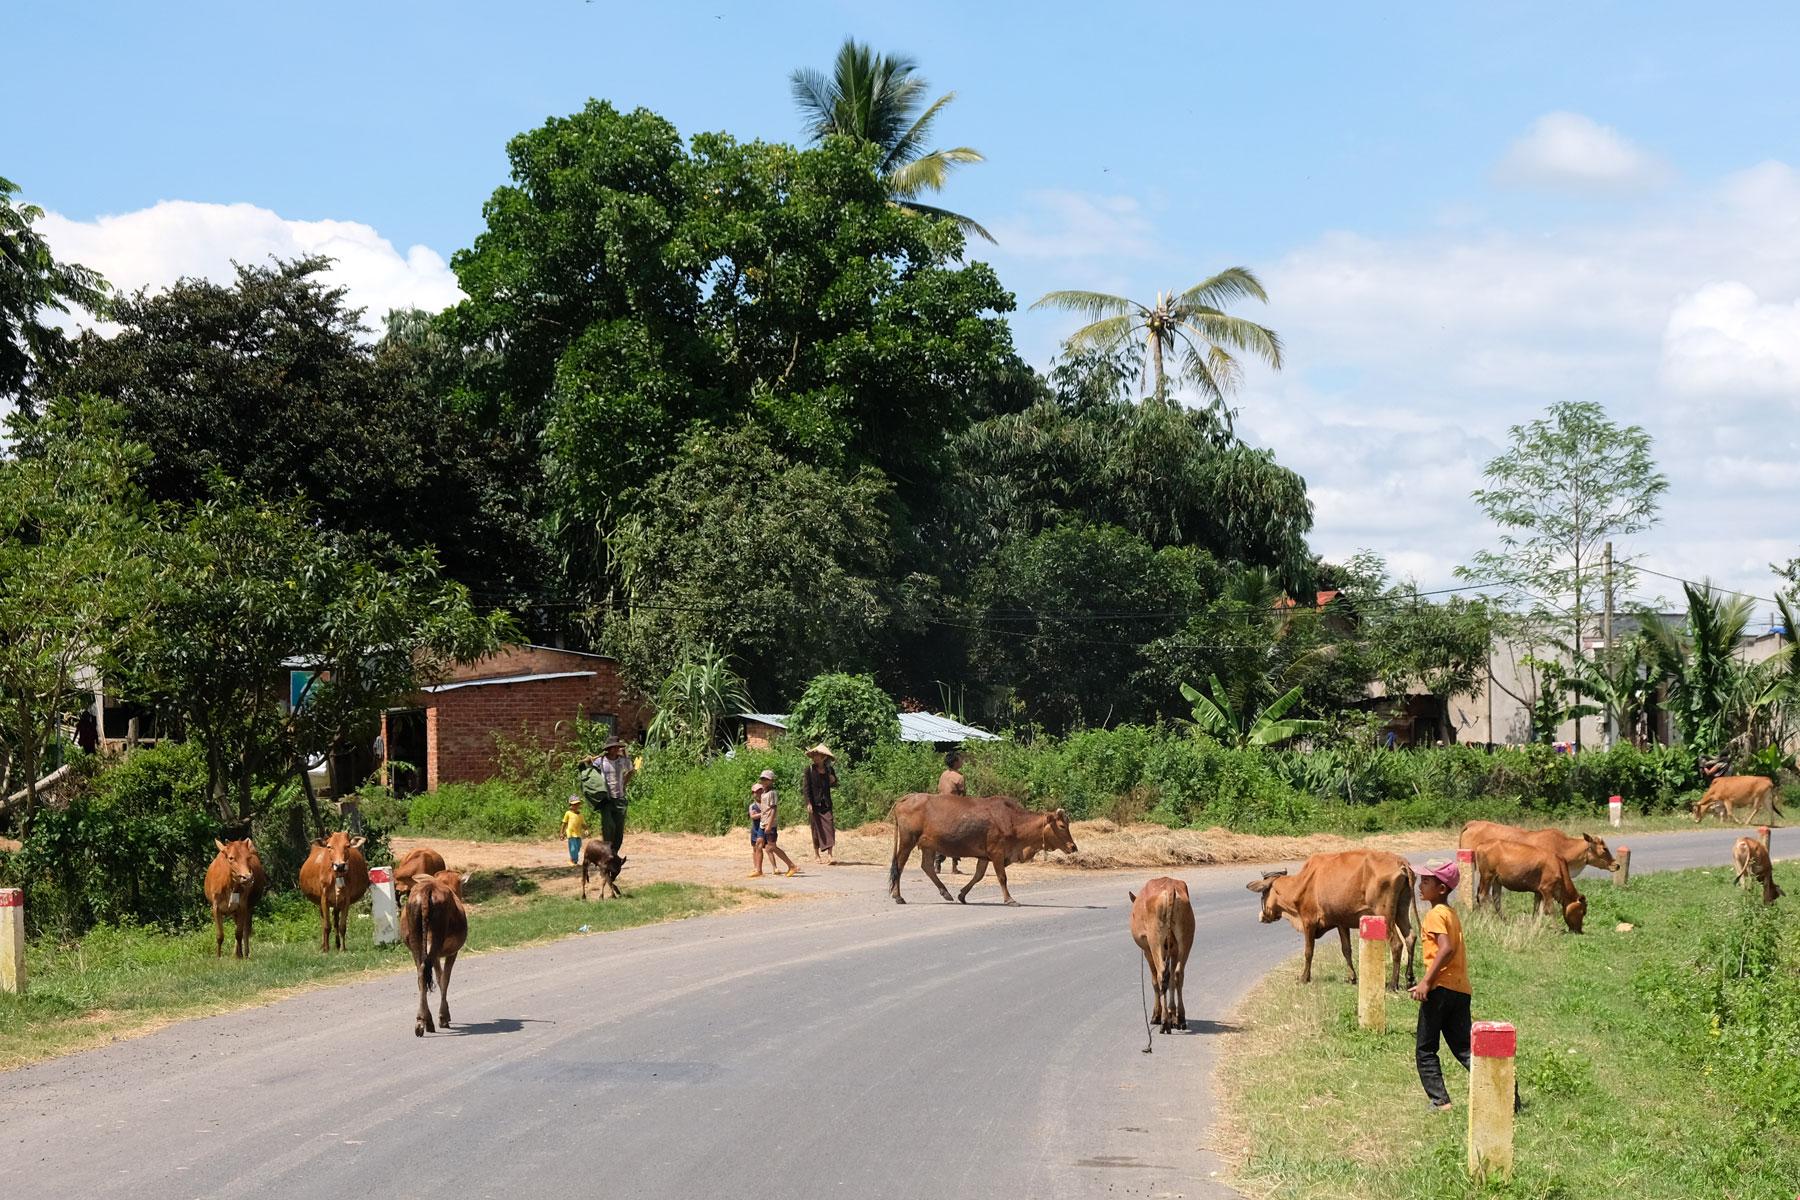 Kühe laufen über eine Straße im ländlichen Vietnam.